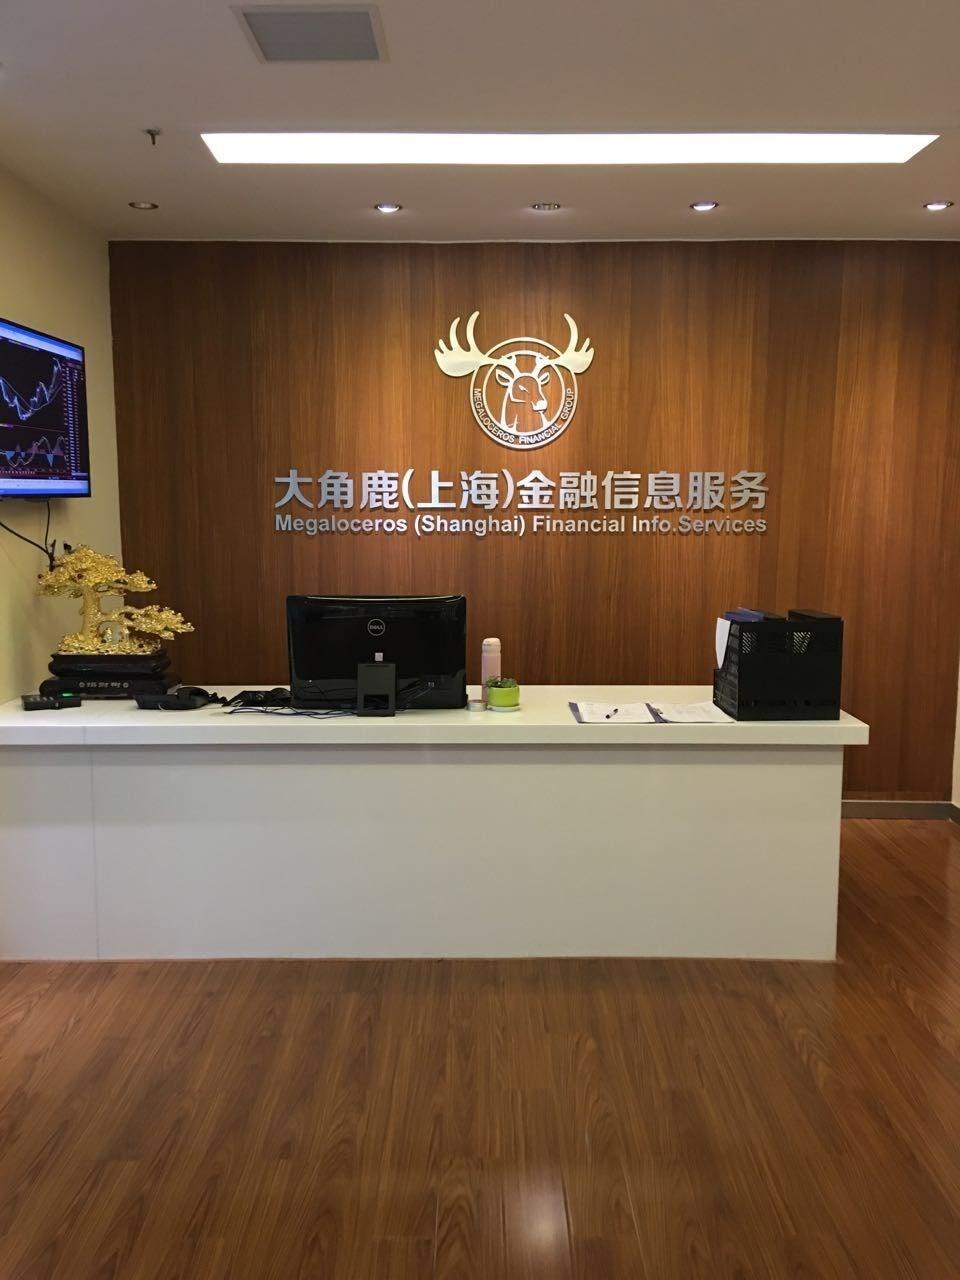 上海汇彼资产管理有限公司